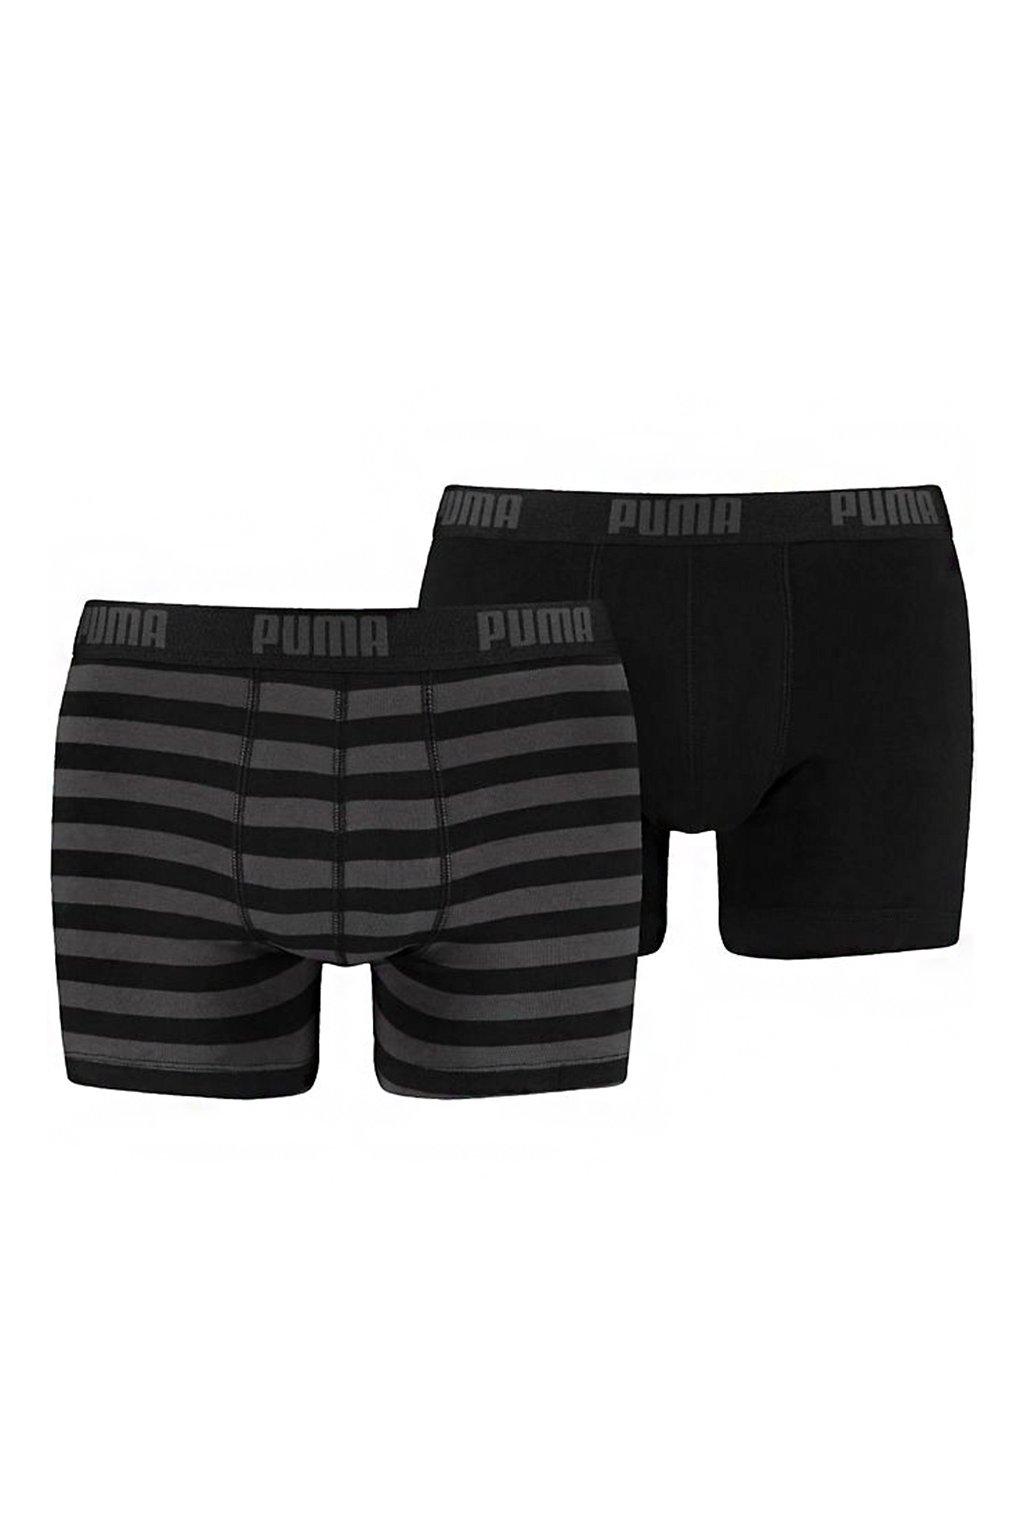 Boxerky pánske Puma Stripe 1515 Boxer 2P čierne 591015001 200